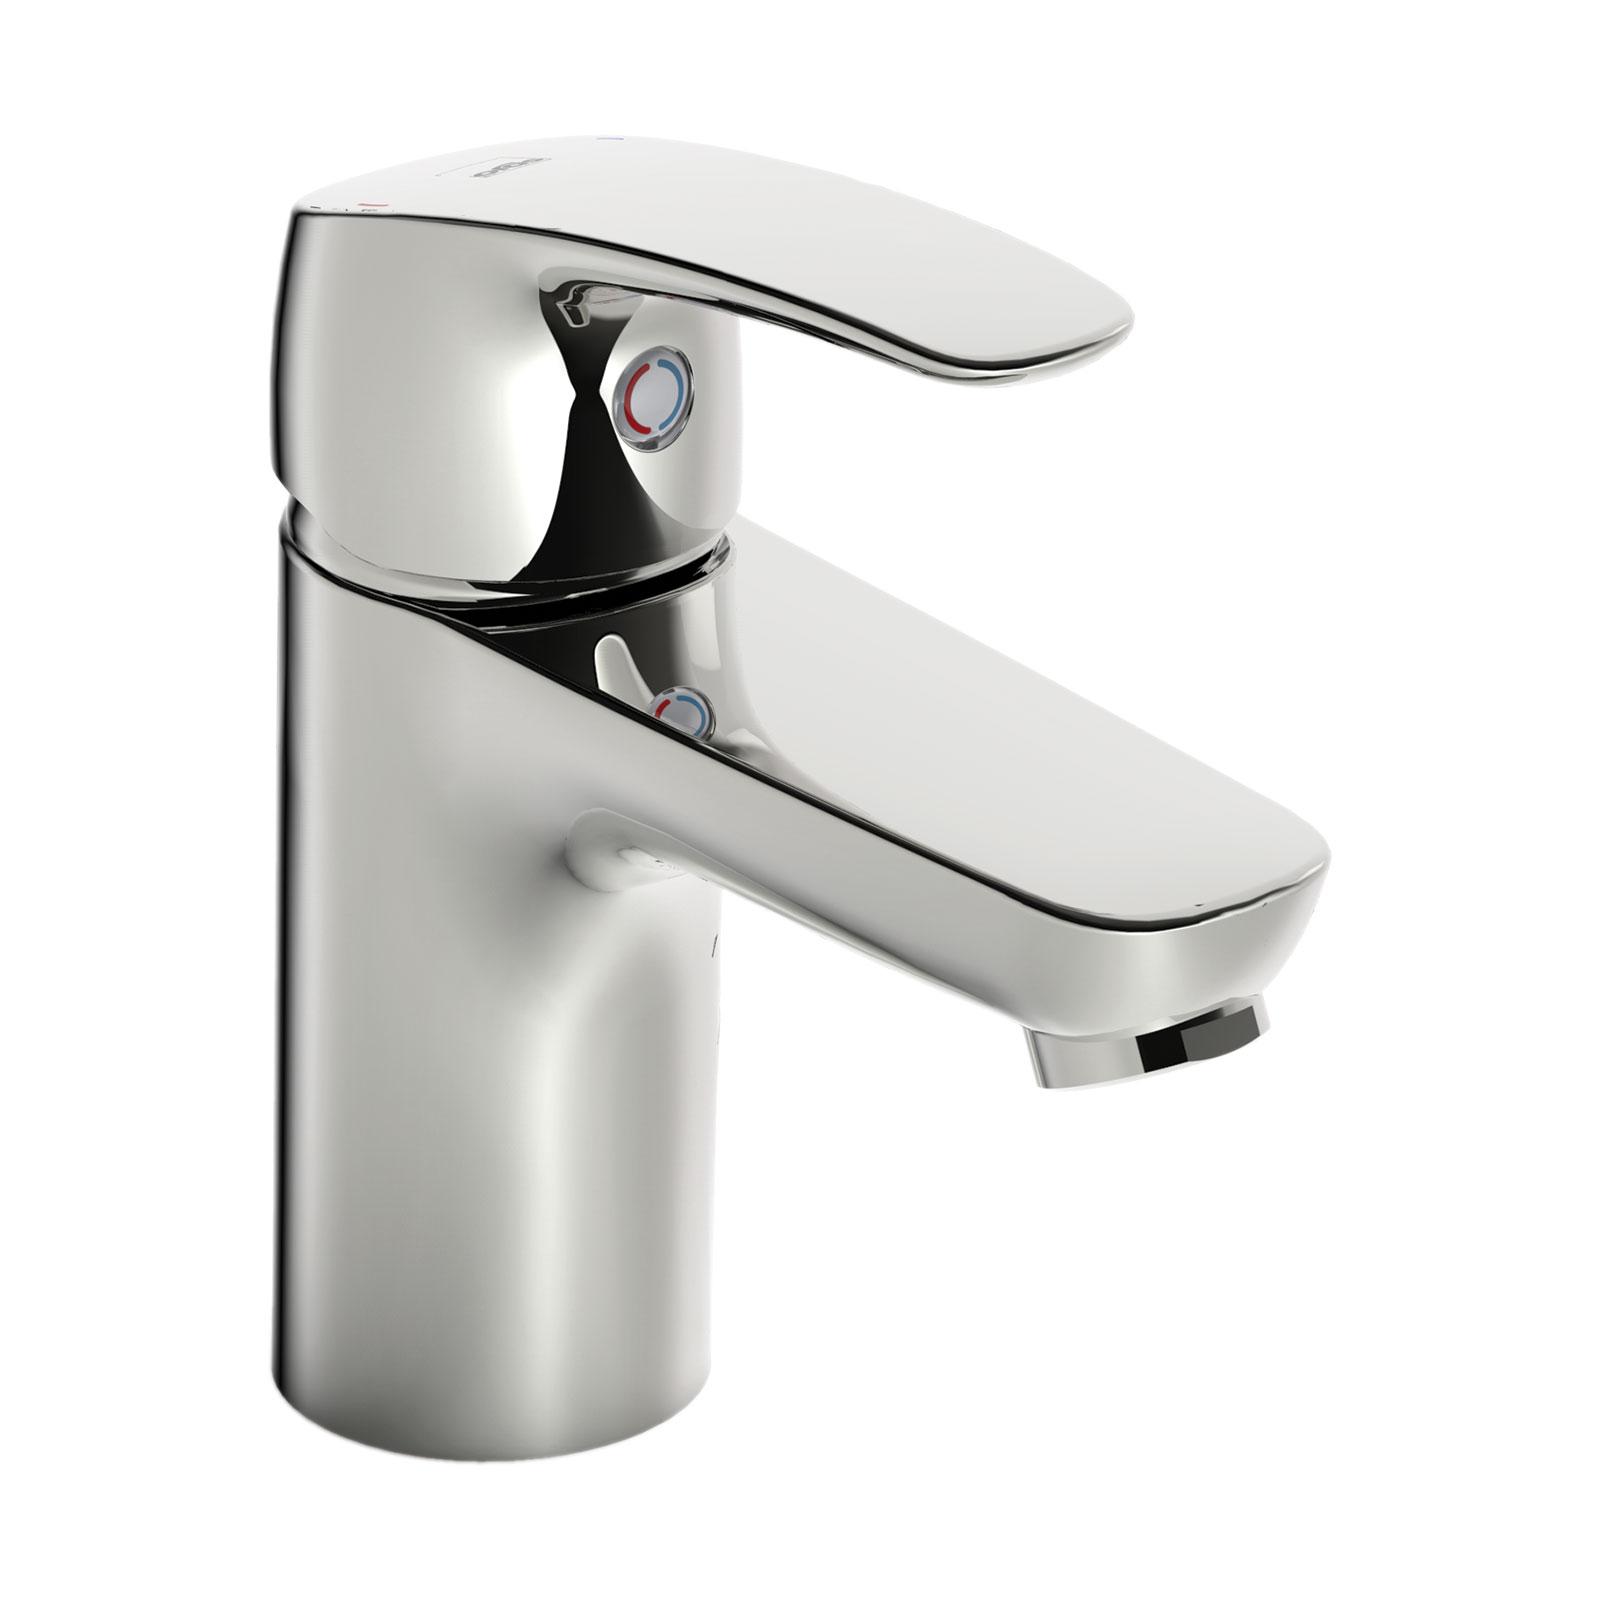 Смеситель Oras для умывальника Safira 1010F, серый1010FCмеситель для умывальника. Двухкомпонентная прочная рукоятка обеспечивает удобство использования. Встроенные опции ограничения температуры и напора воды._x000D_ F = Гибкая подводка